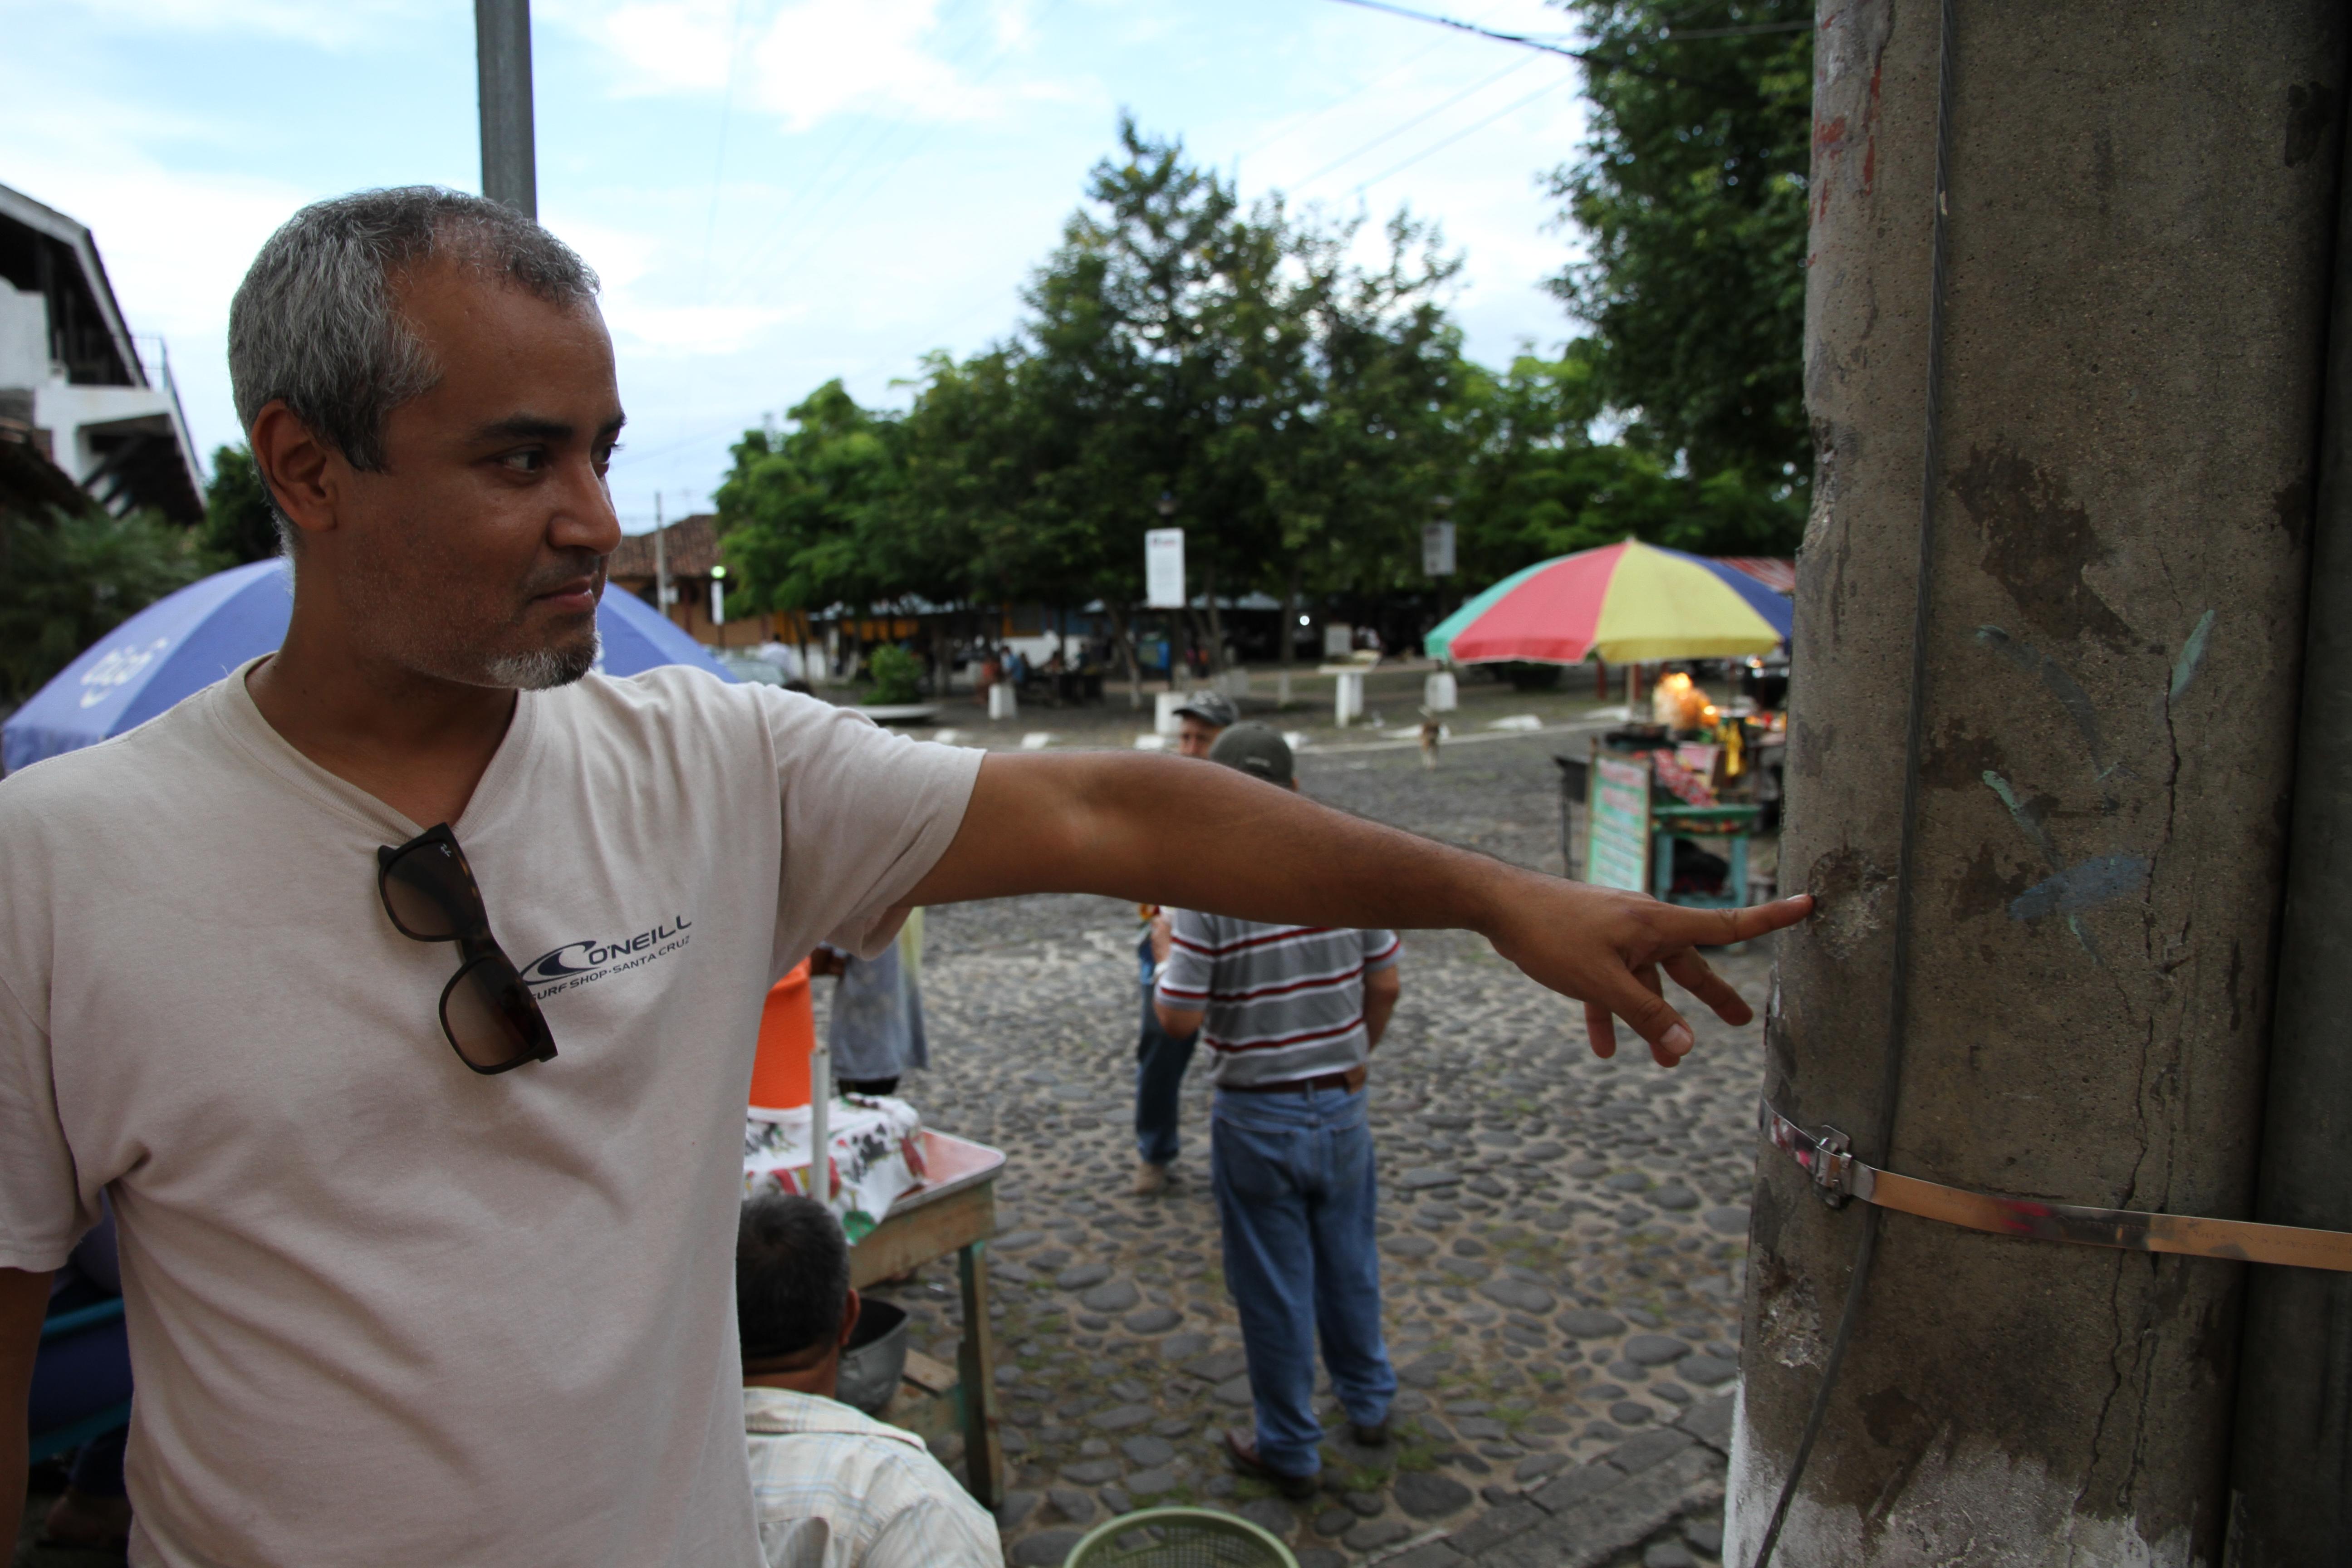 Indigo, Reisen, Reisefeder, travel, travelblog, Reiseblog, Zentralamerika, El Salvador, Suchitoto, Workshop, Handwerk